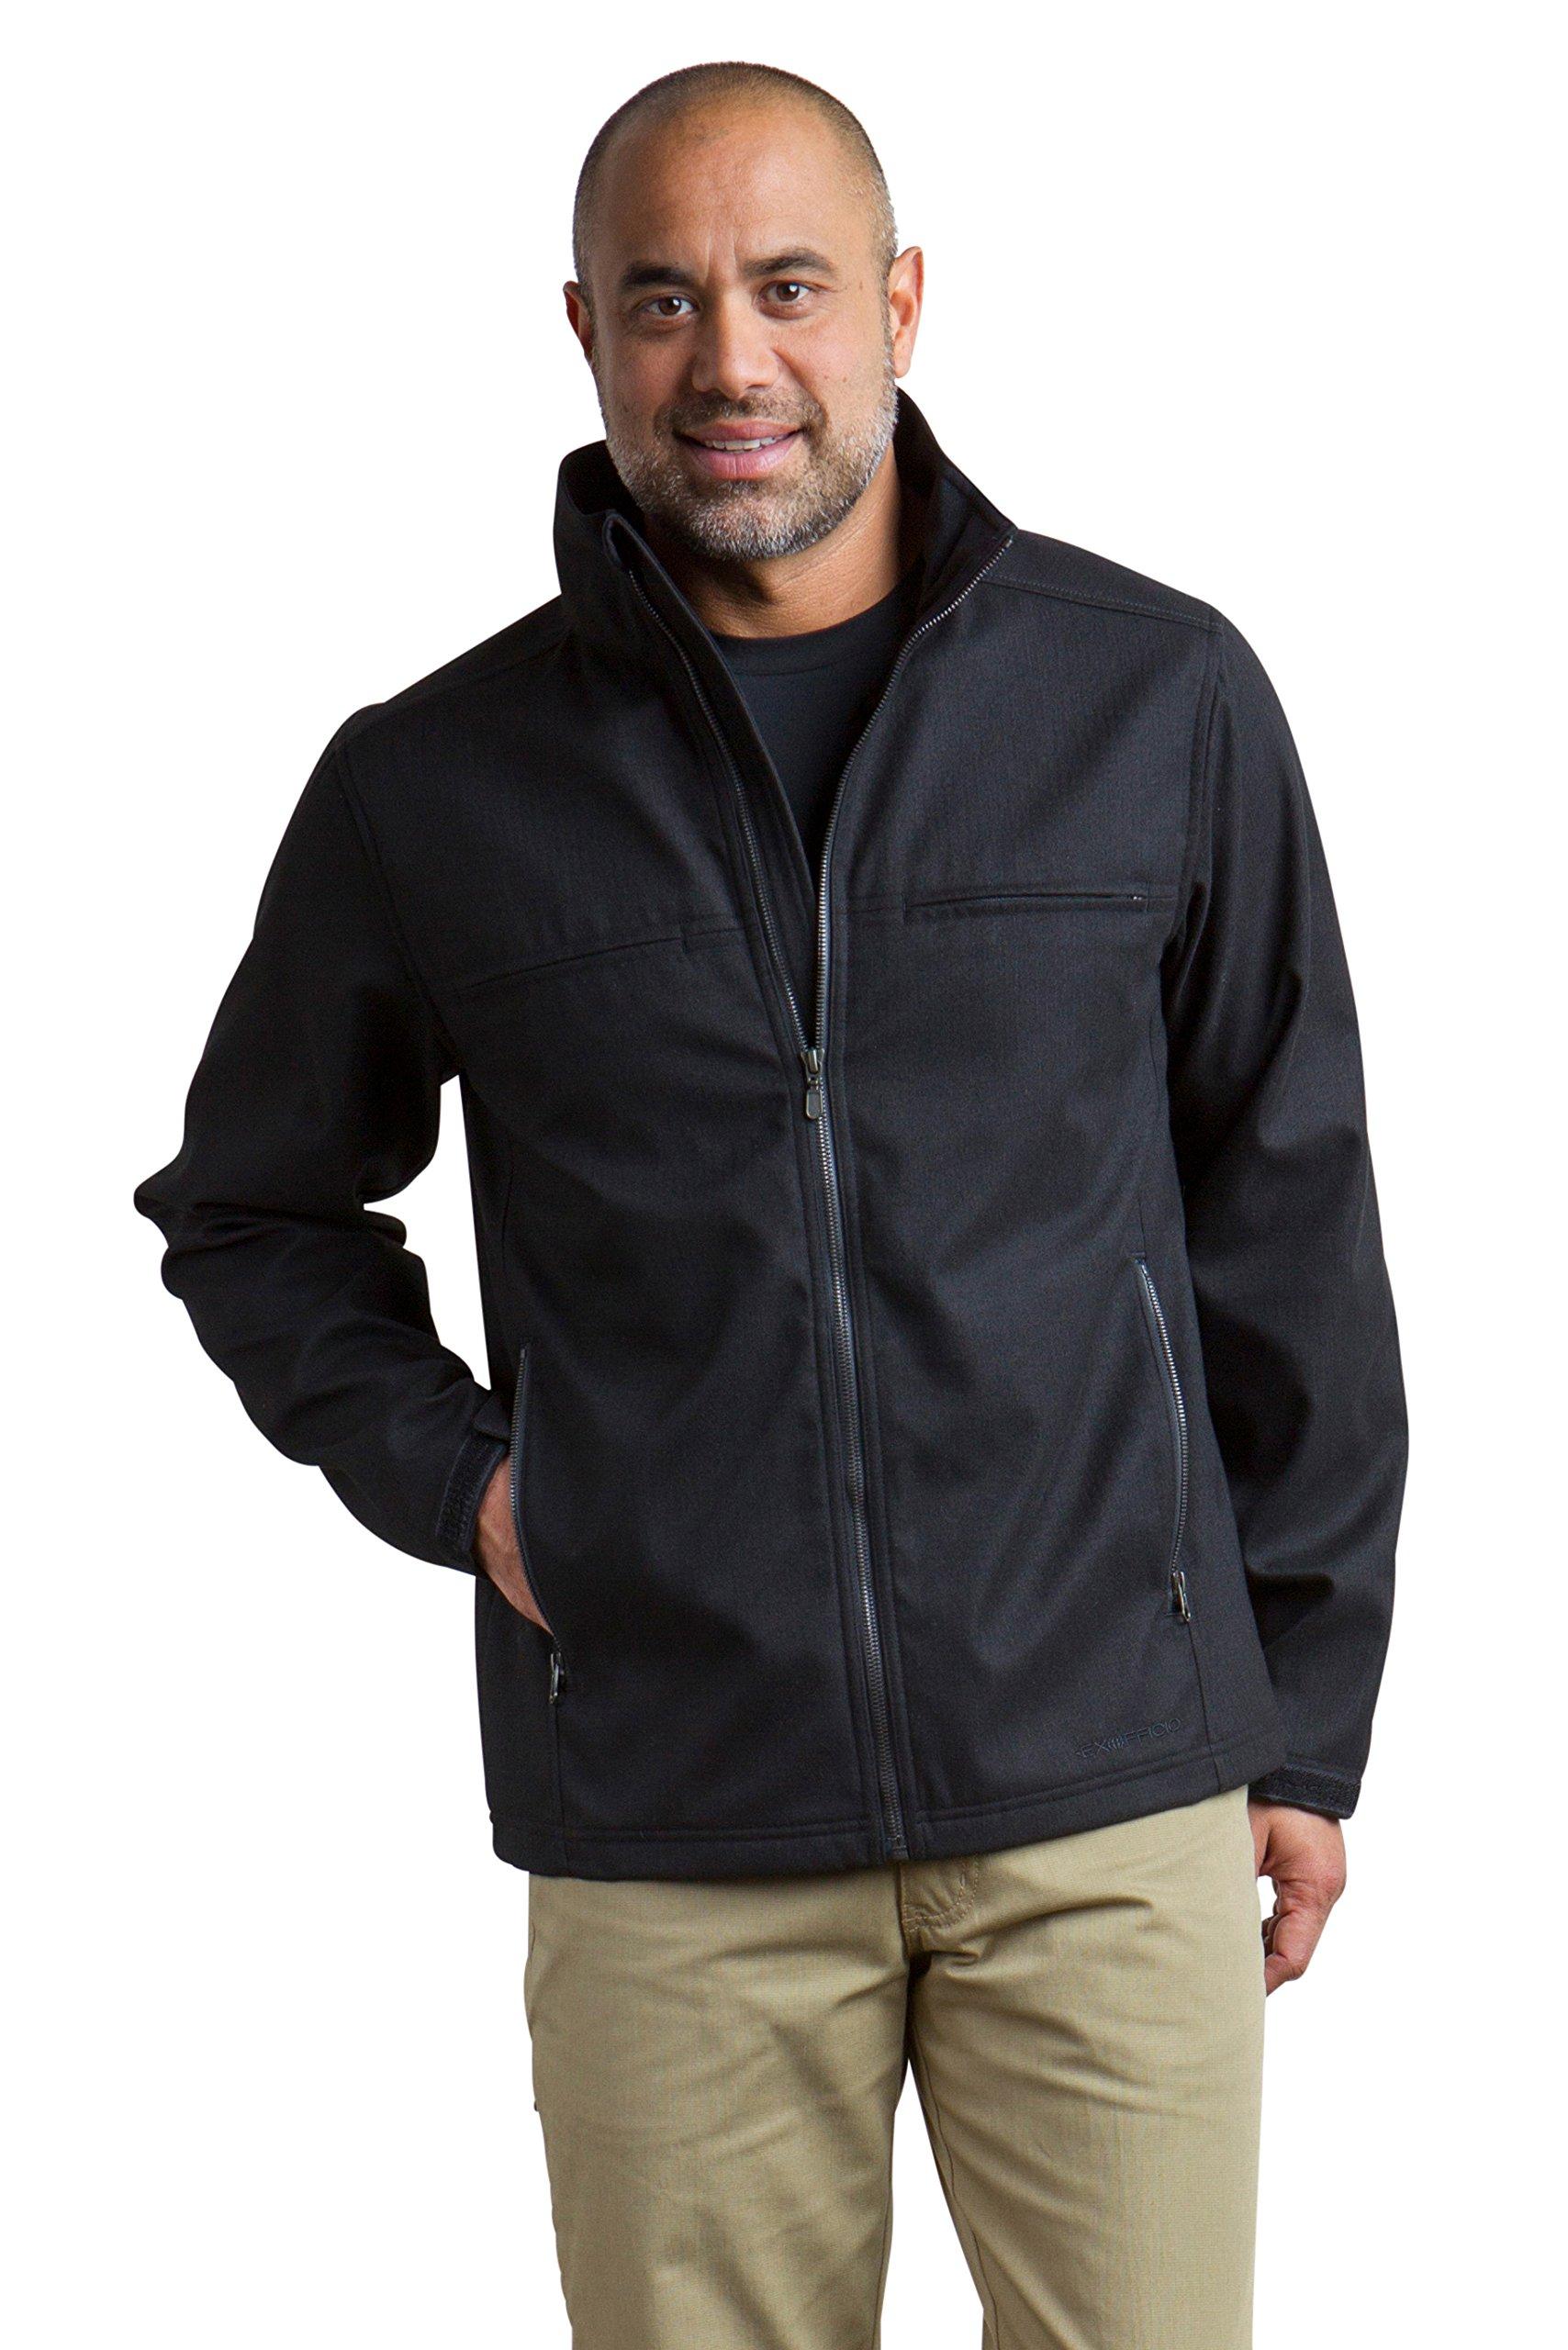 ExOfficio Men's Mackenzie Jacket Long Sleeve, Black, Large by ExOfficio